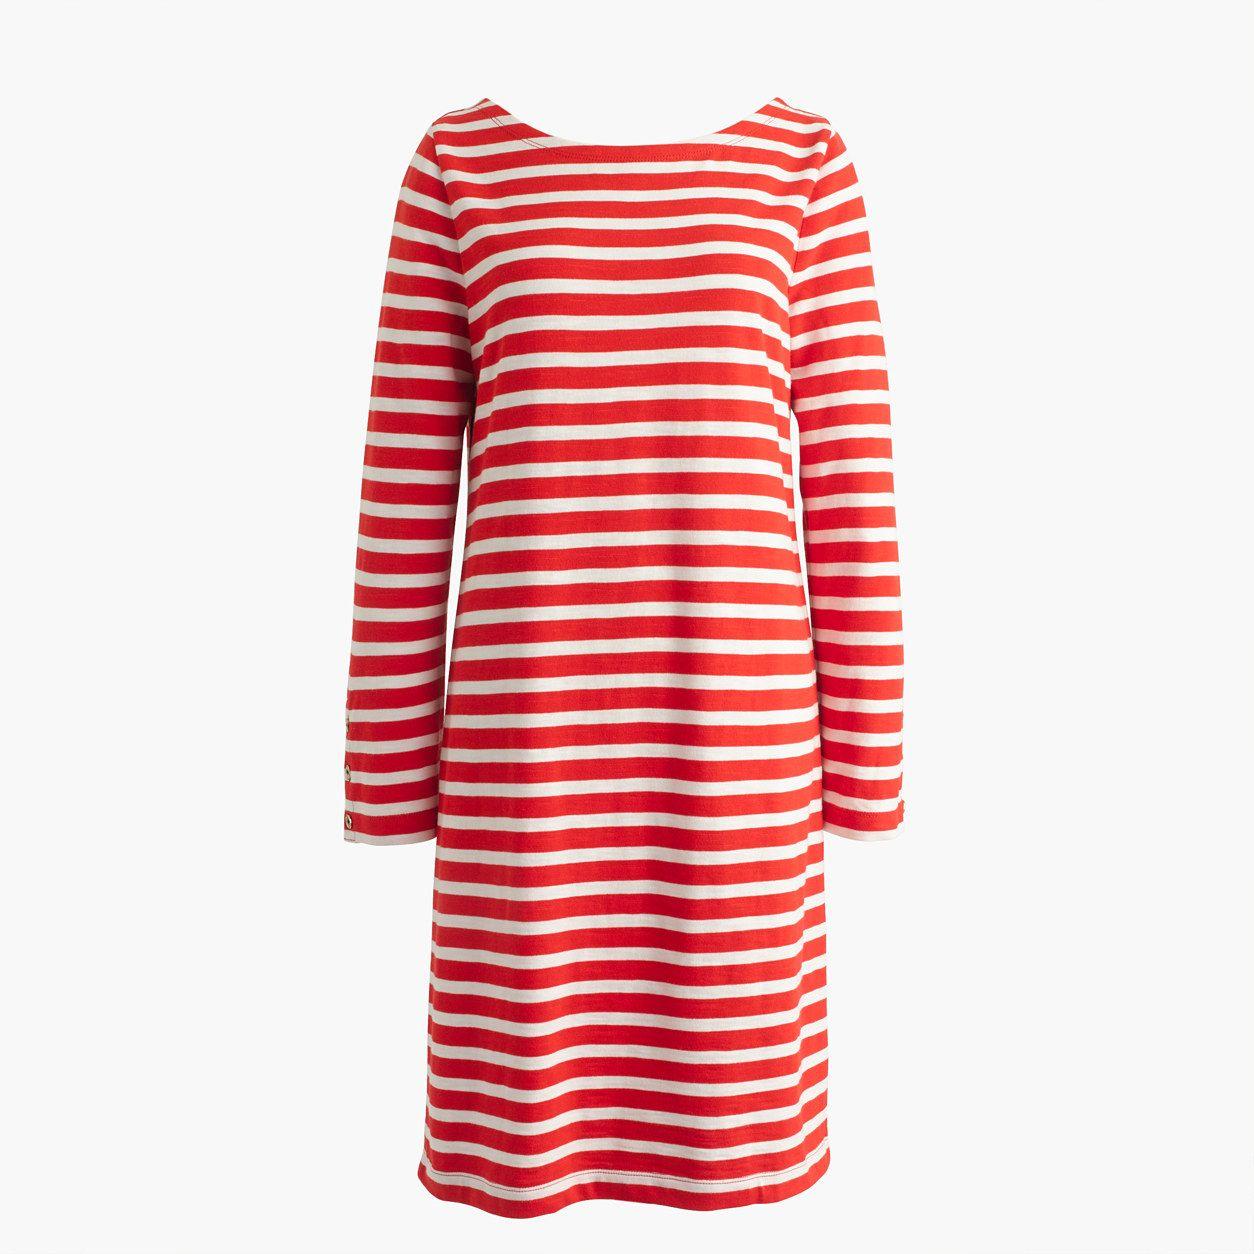 28959673c99 J.Crew Womens Striped T-Shirt Dress (Size XXXS)